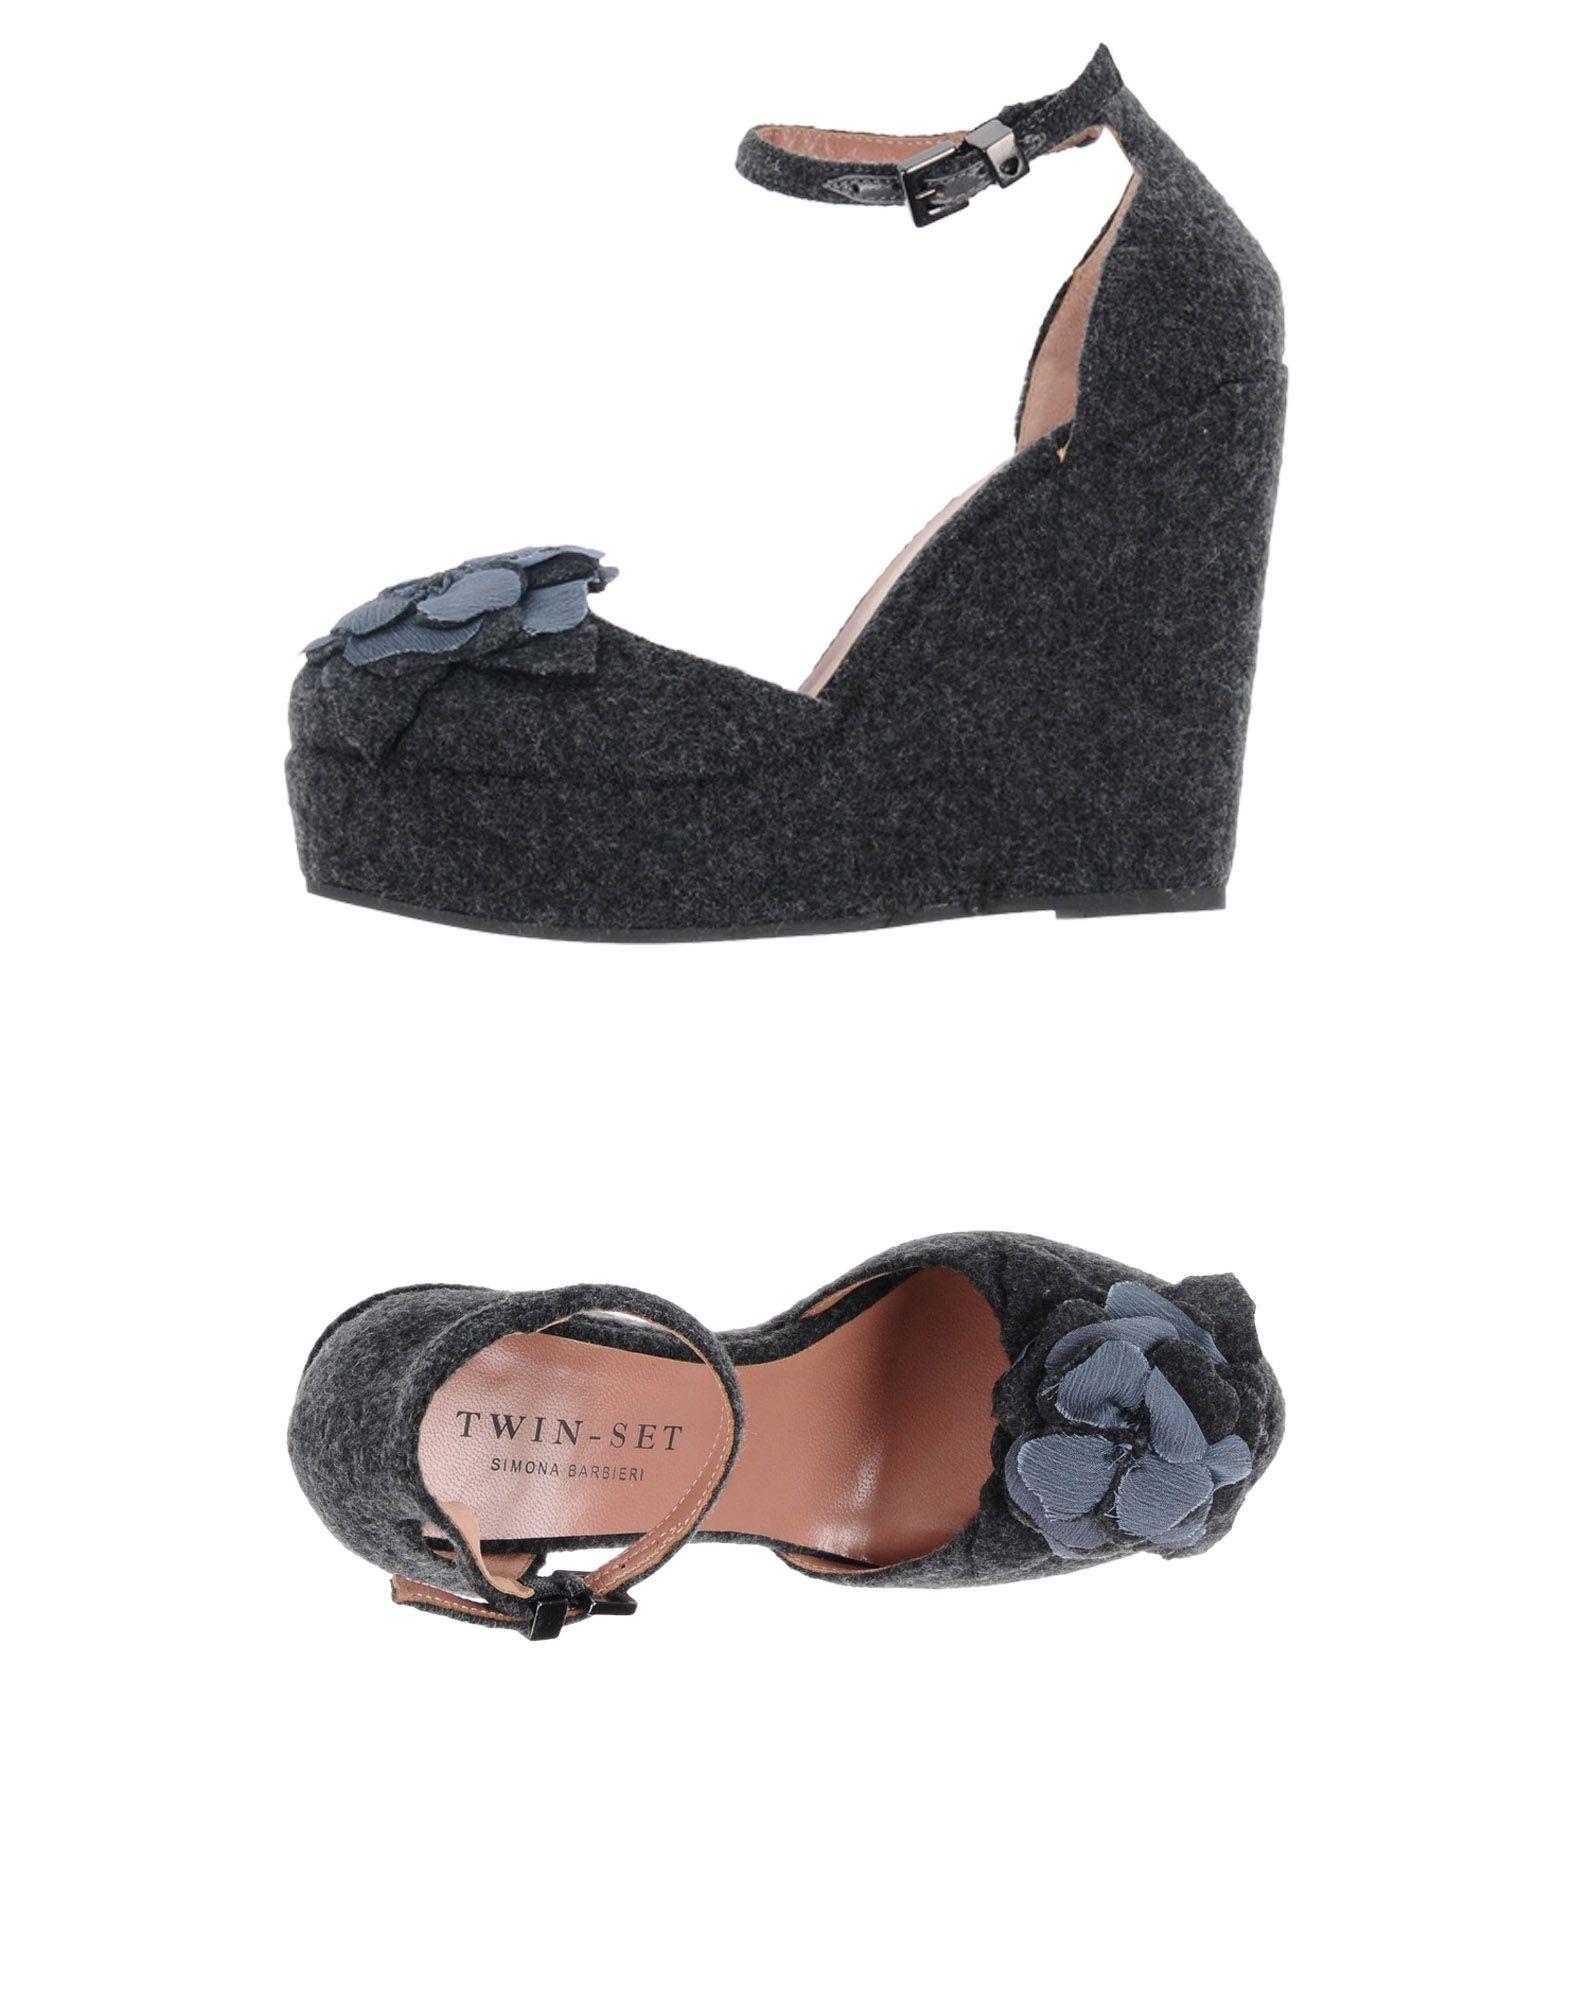 TWIN-SET Simona Barbieri Damen Pumps Farbe Granitgrau Größe 11